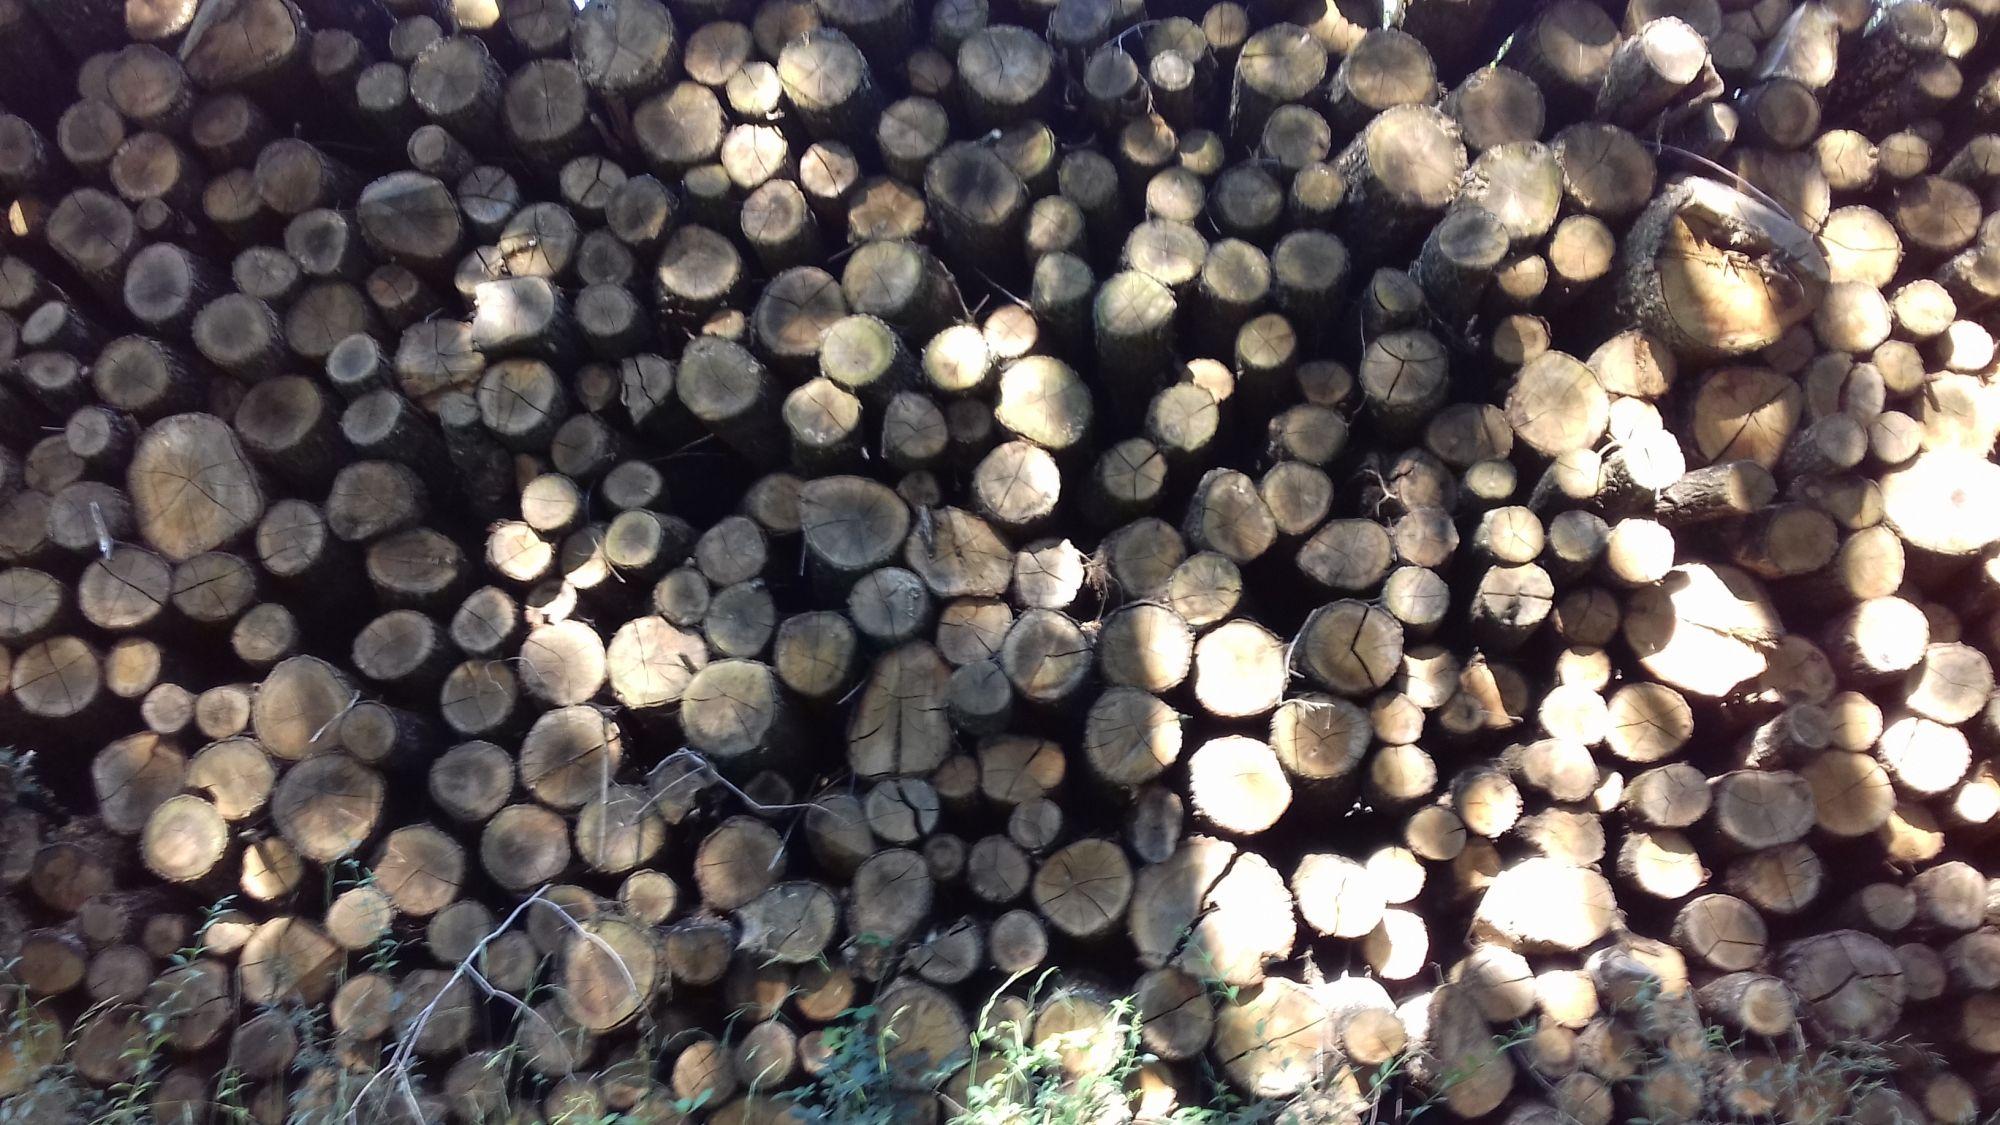 bois de chauffage 06site internet pour revendeur de combustible bois dans les Alpes-Maritimes